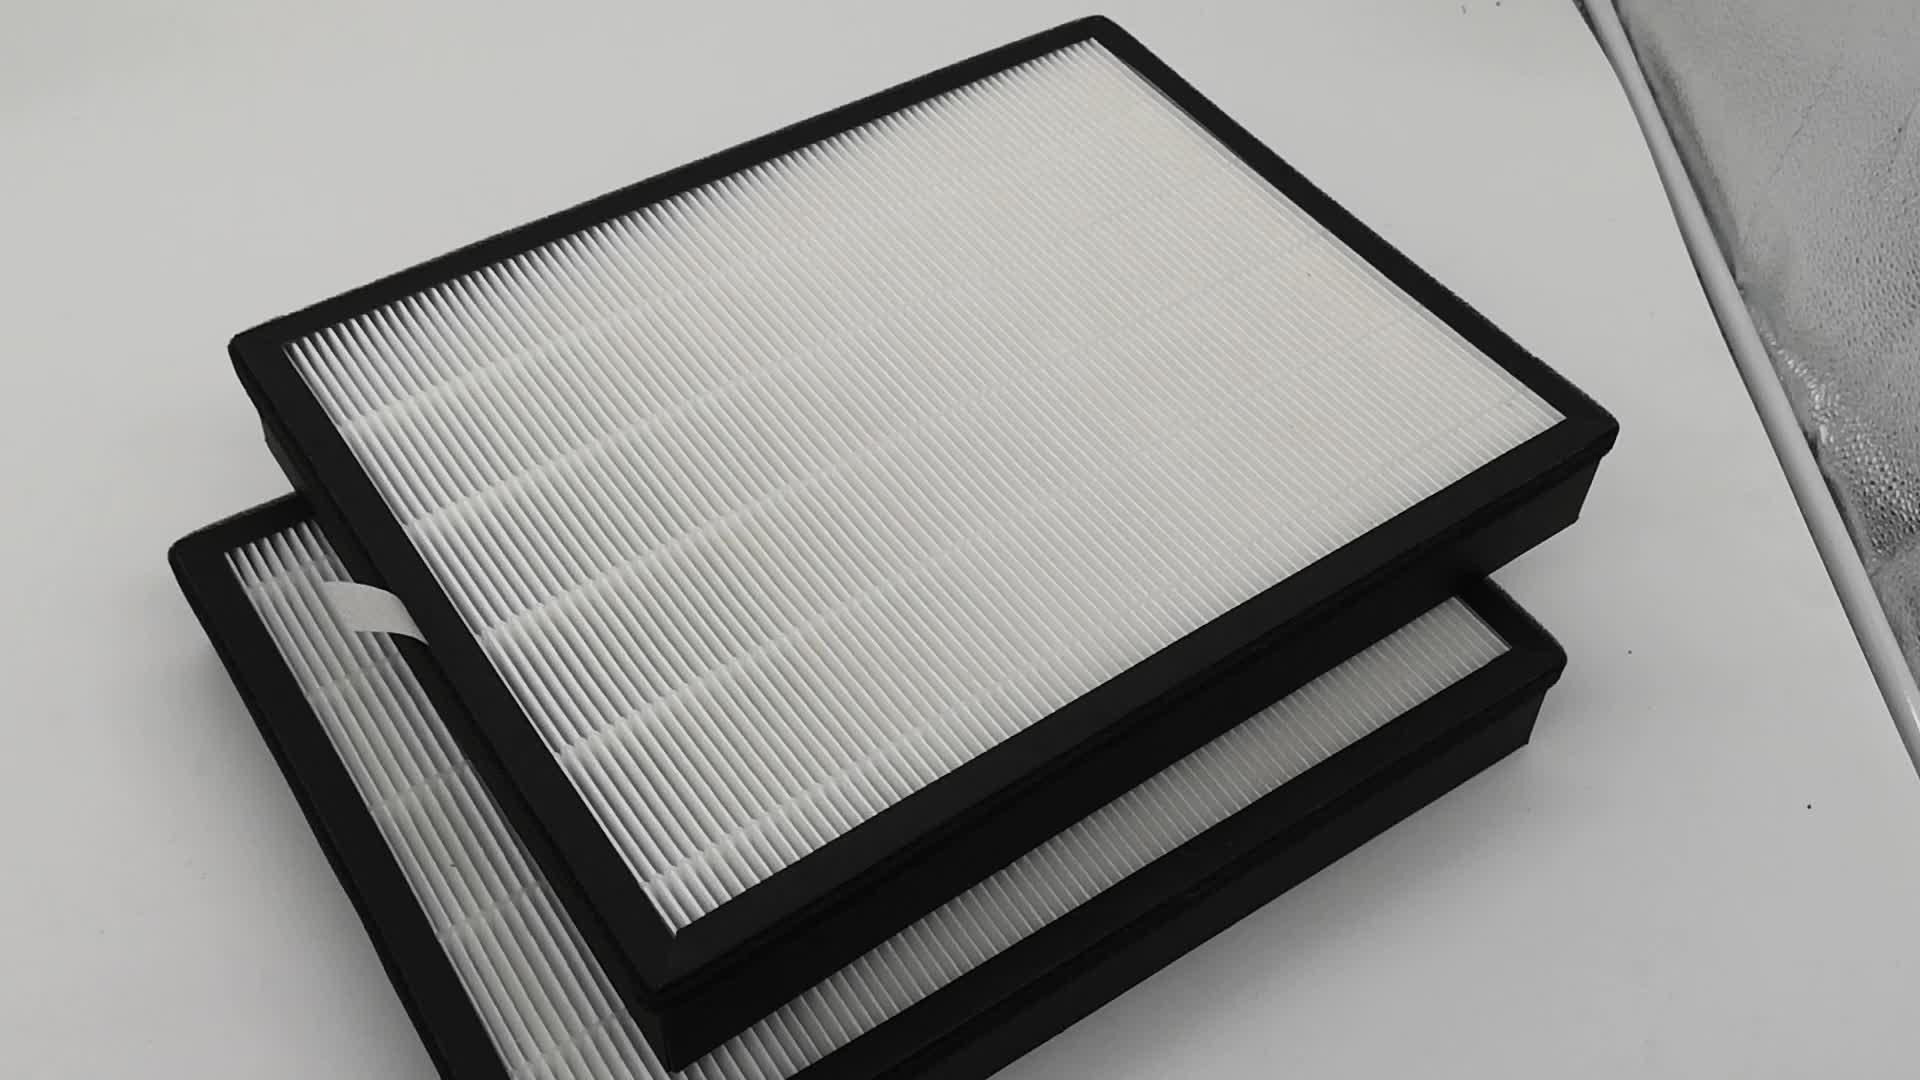 บ้าน True HEPA เปลี่ยน H11 H13 FY3433 Nano สำหรับ Philips พร้อม FY3432 Active Carbon Filters AC3256 AC3260